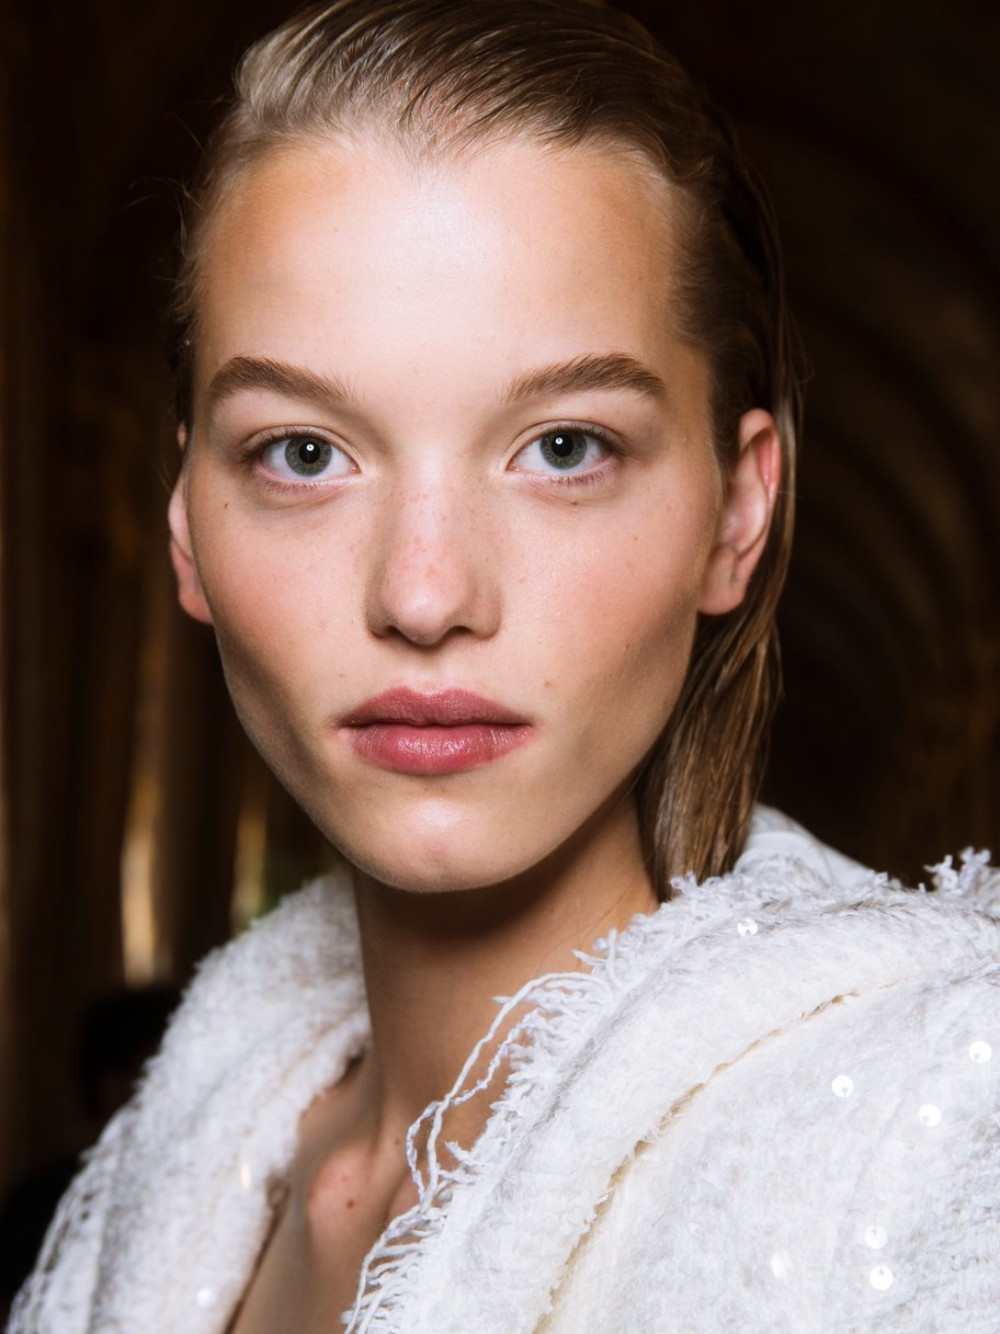 Perfekte Haut: die Tagescreme von The Lotus schafft das ganz ohne Make-up